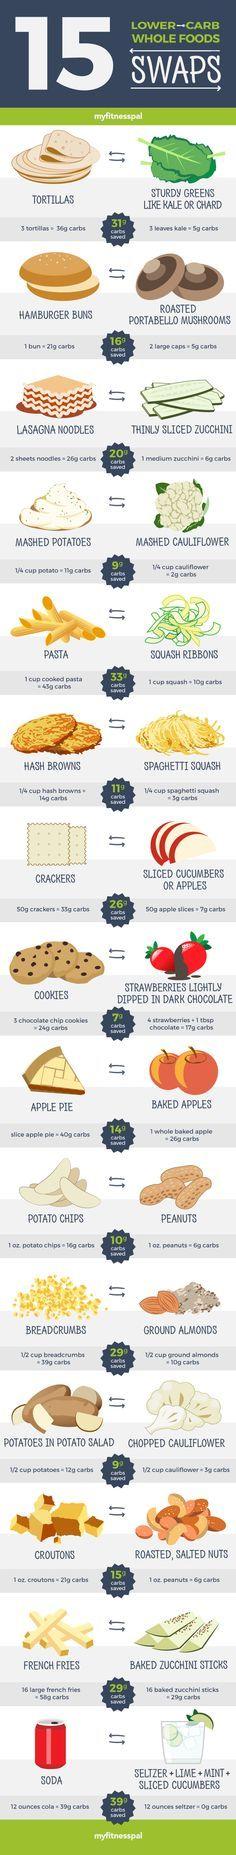 """La clave está en cambiar los alimentos procesados por alimentos naturales. Algo tan simple y """"tan complicado"""" al mismo tiempo"""